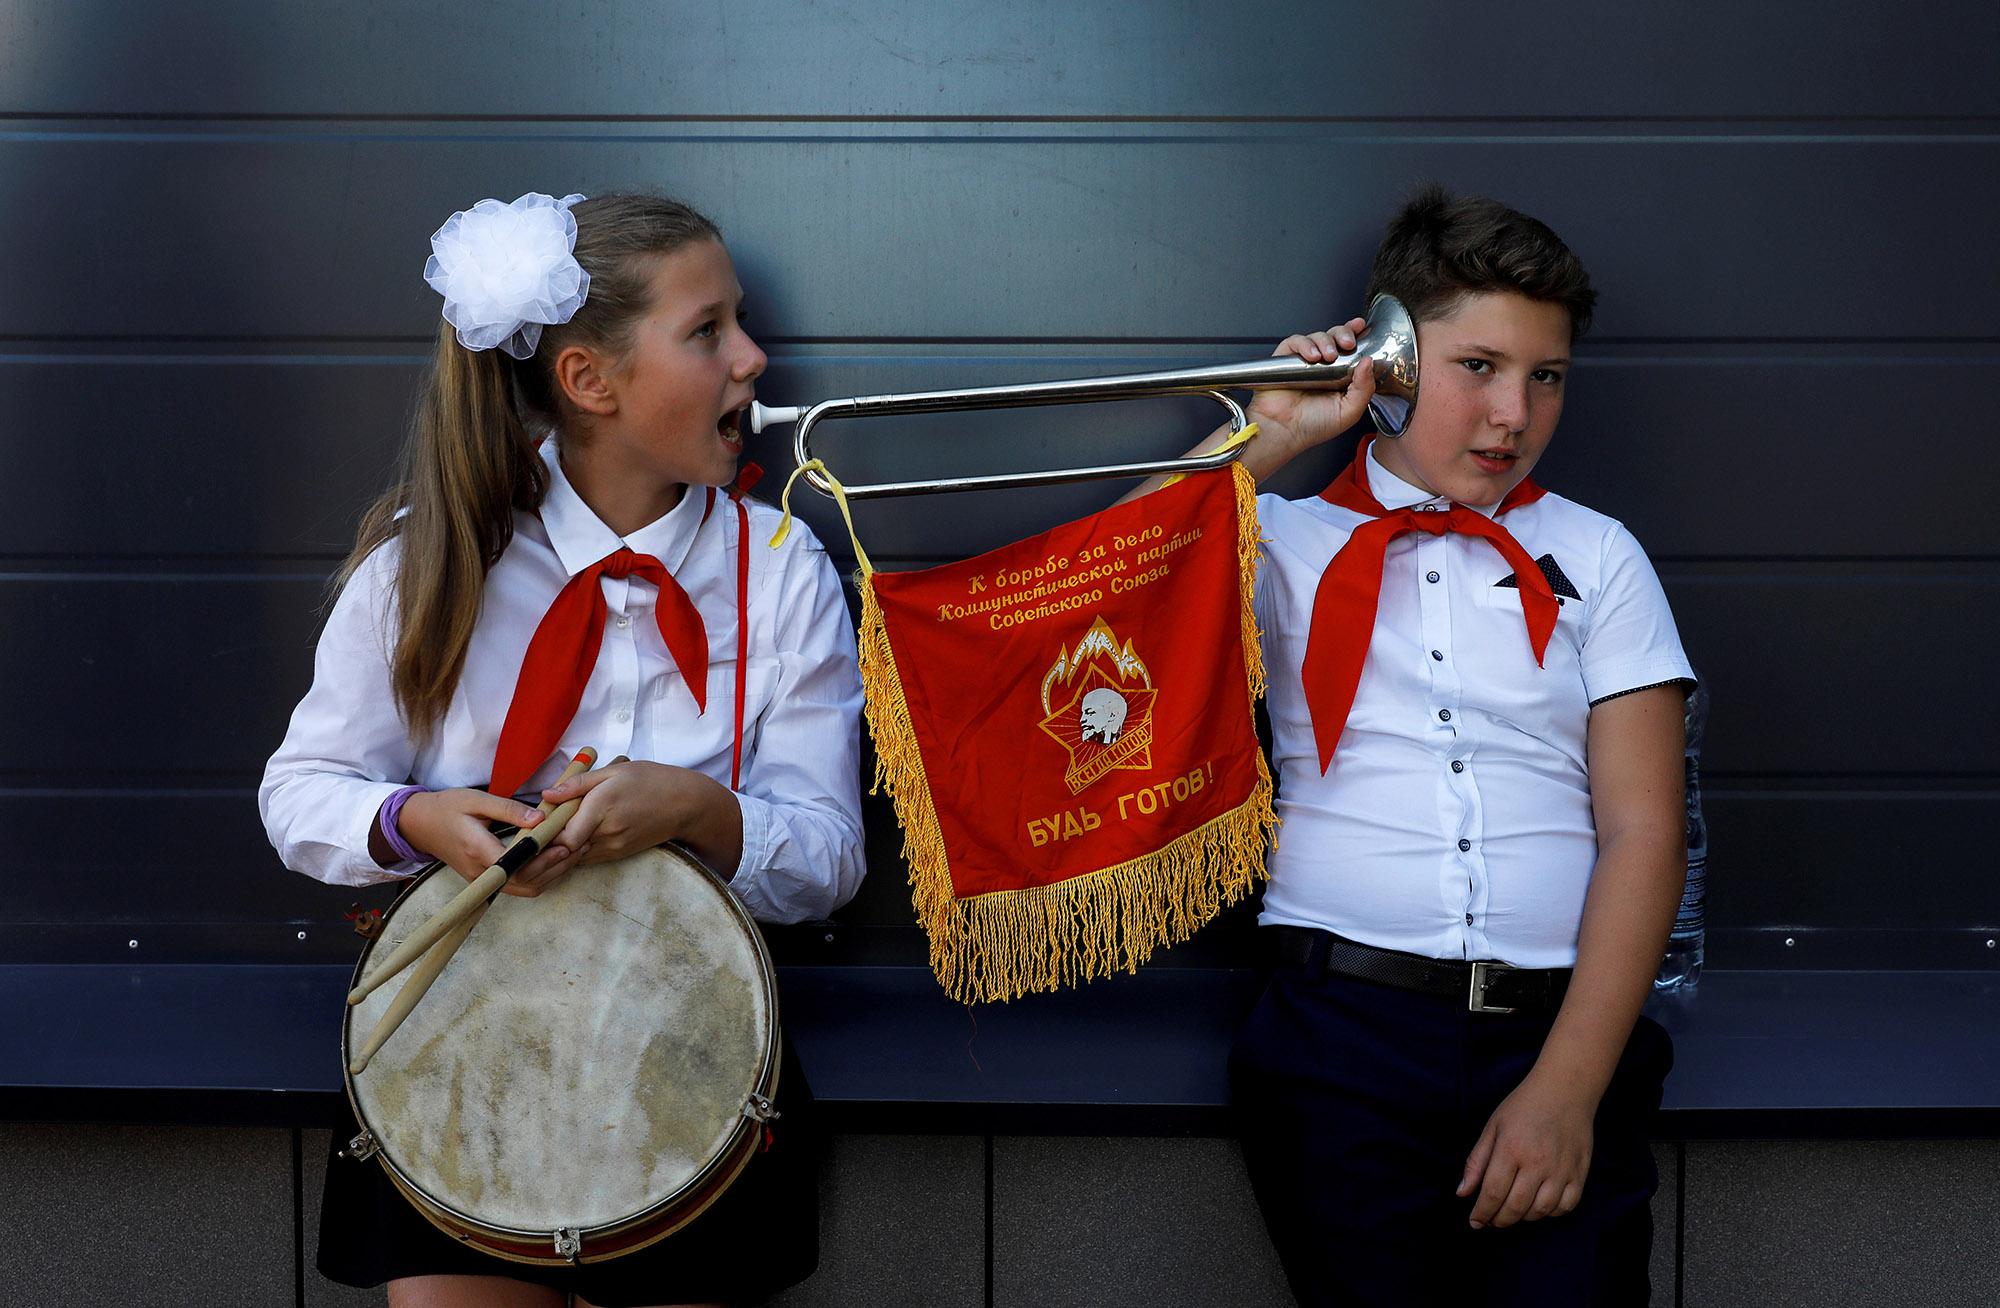 2个带喇叭的孩子的肖像彩色照片,决赛入围者